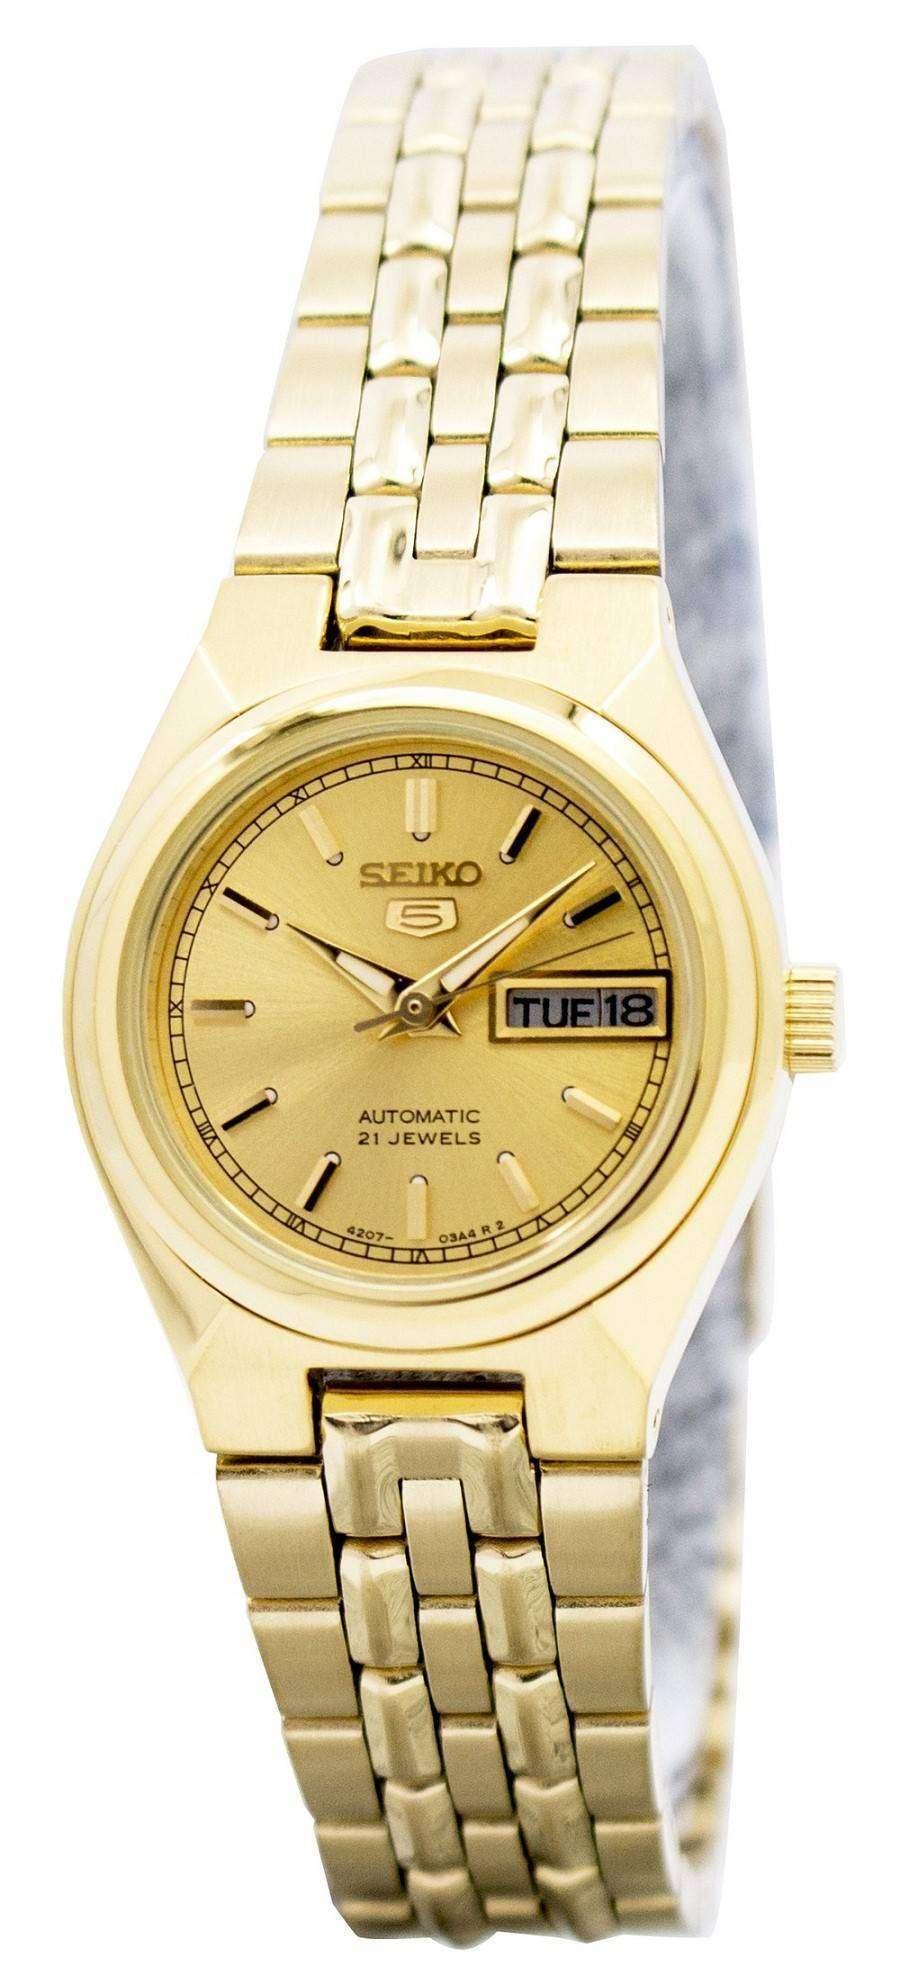 Seiko 5 Automatic 21 Jewels Syma04 Syma04k1 Syma04k Women S Watch Zetawatches